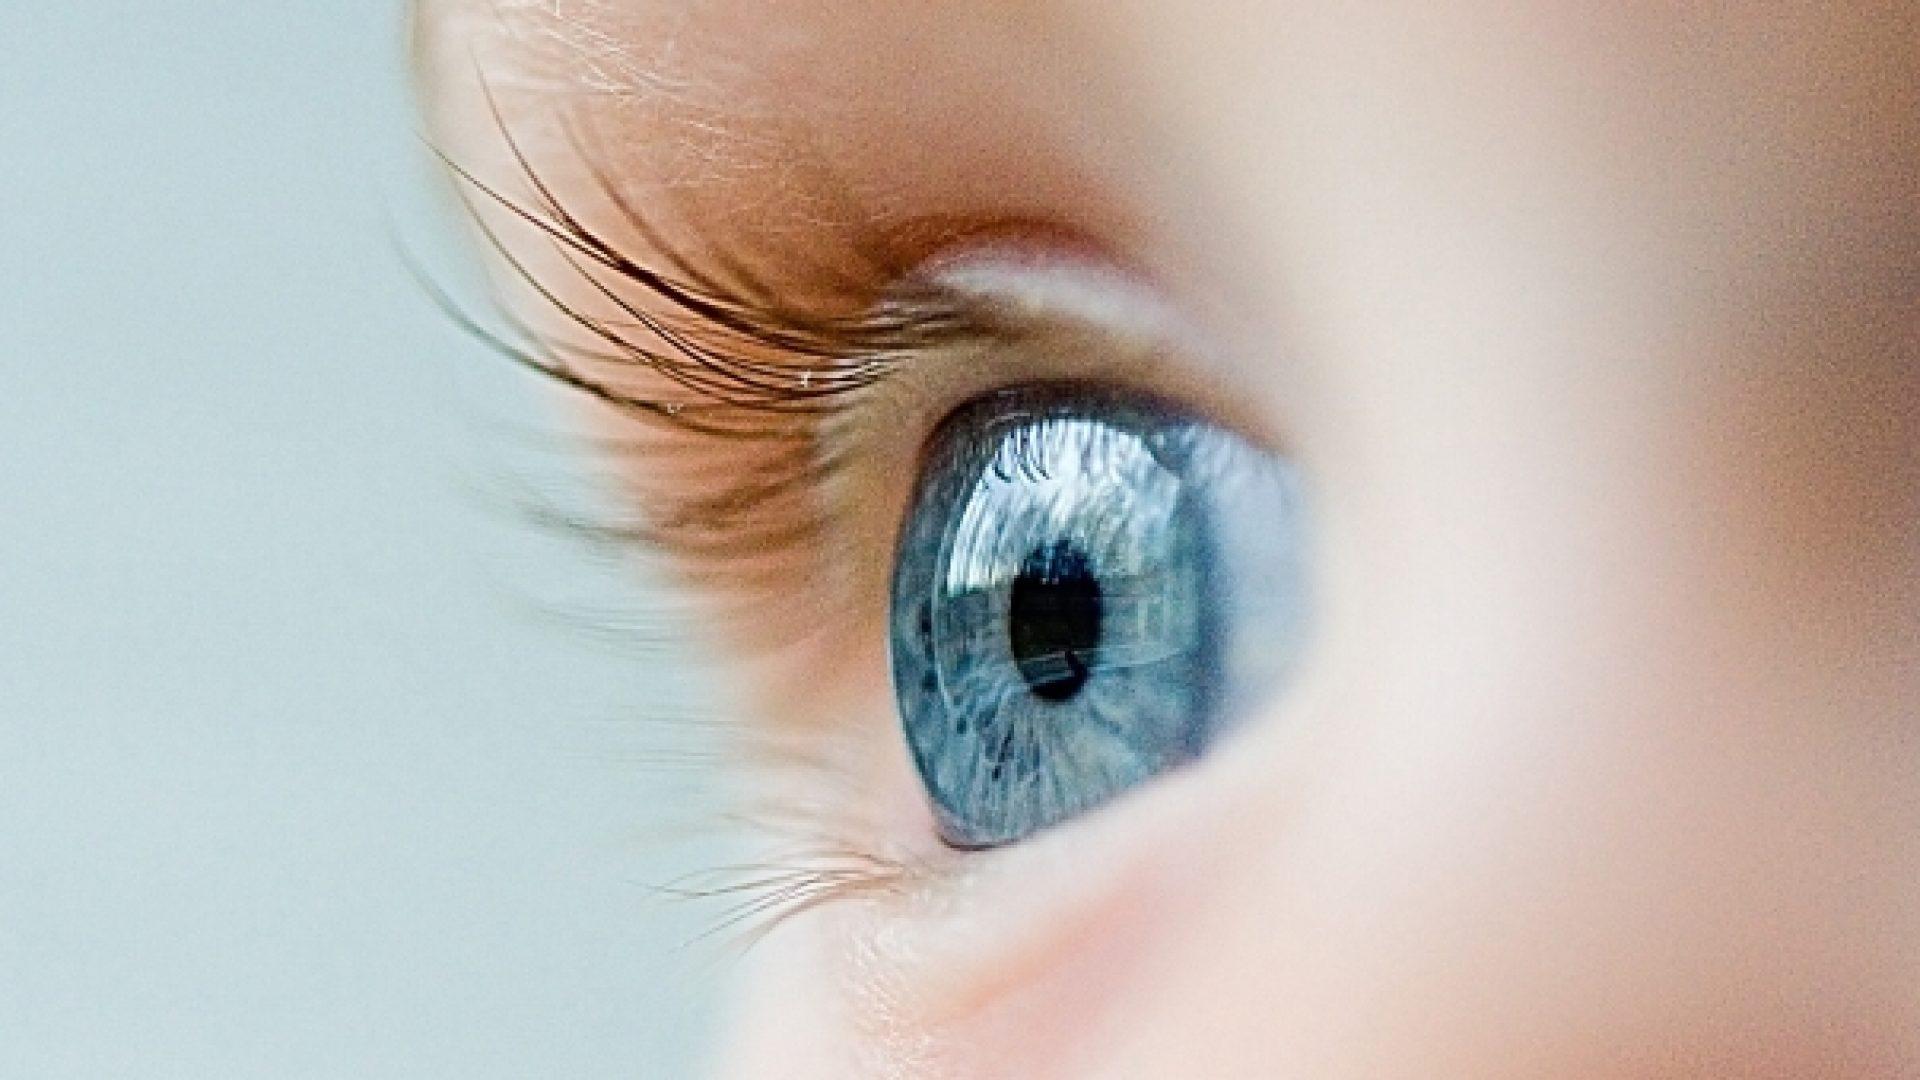 Met zachte ogen kijken